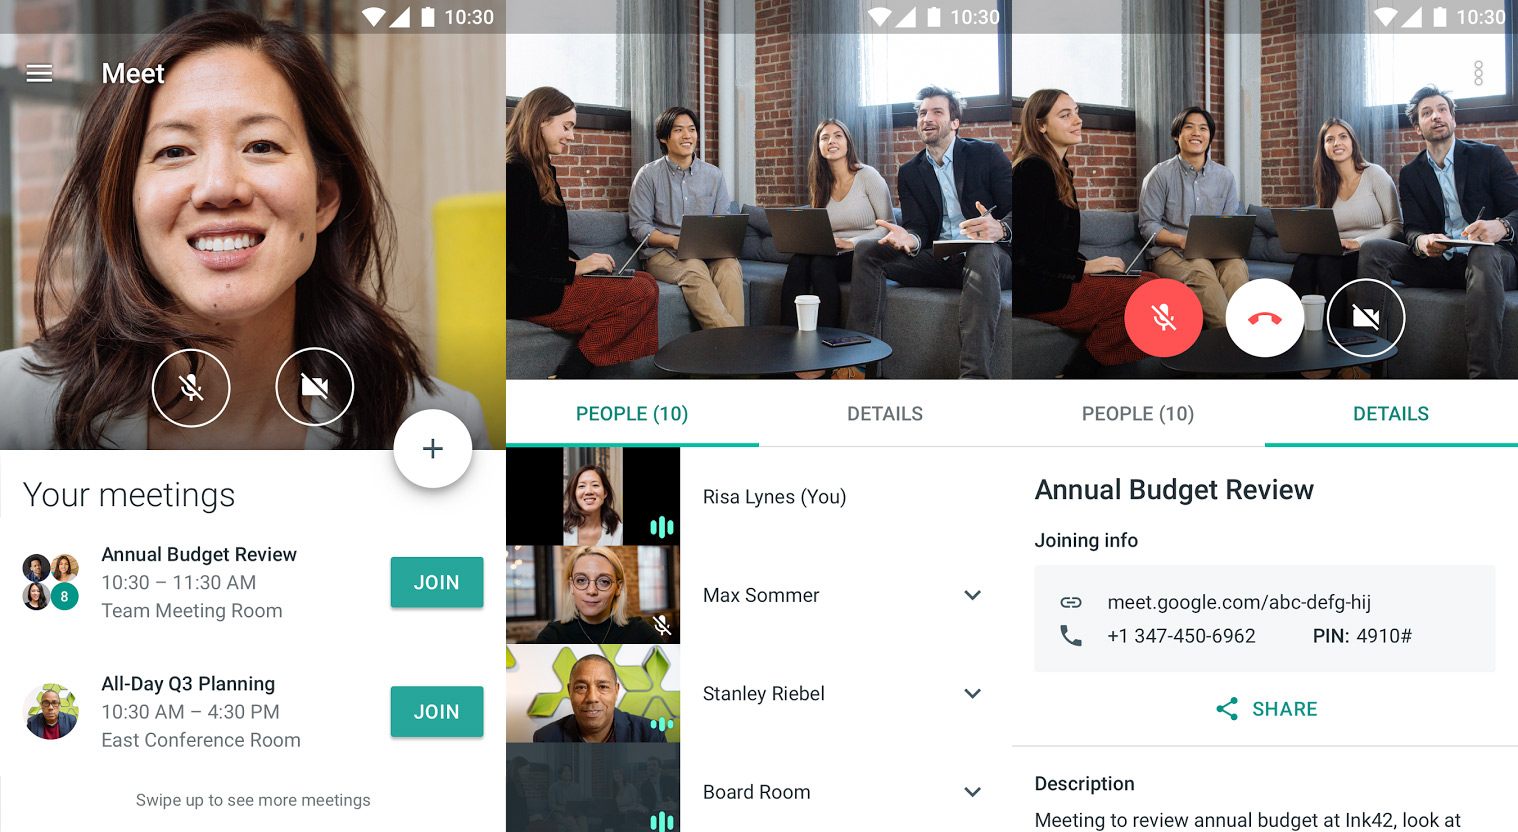 Google Hangout Meet